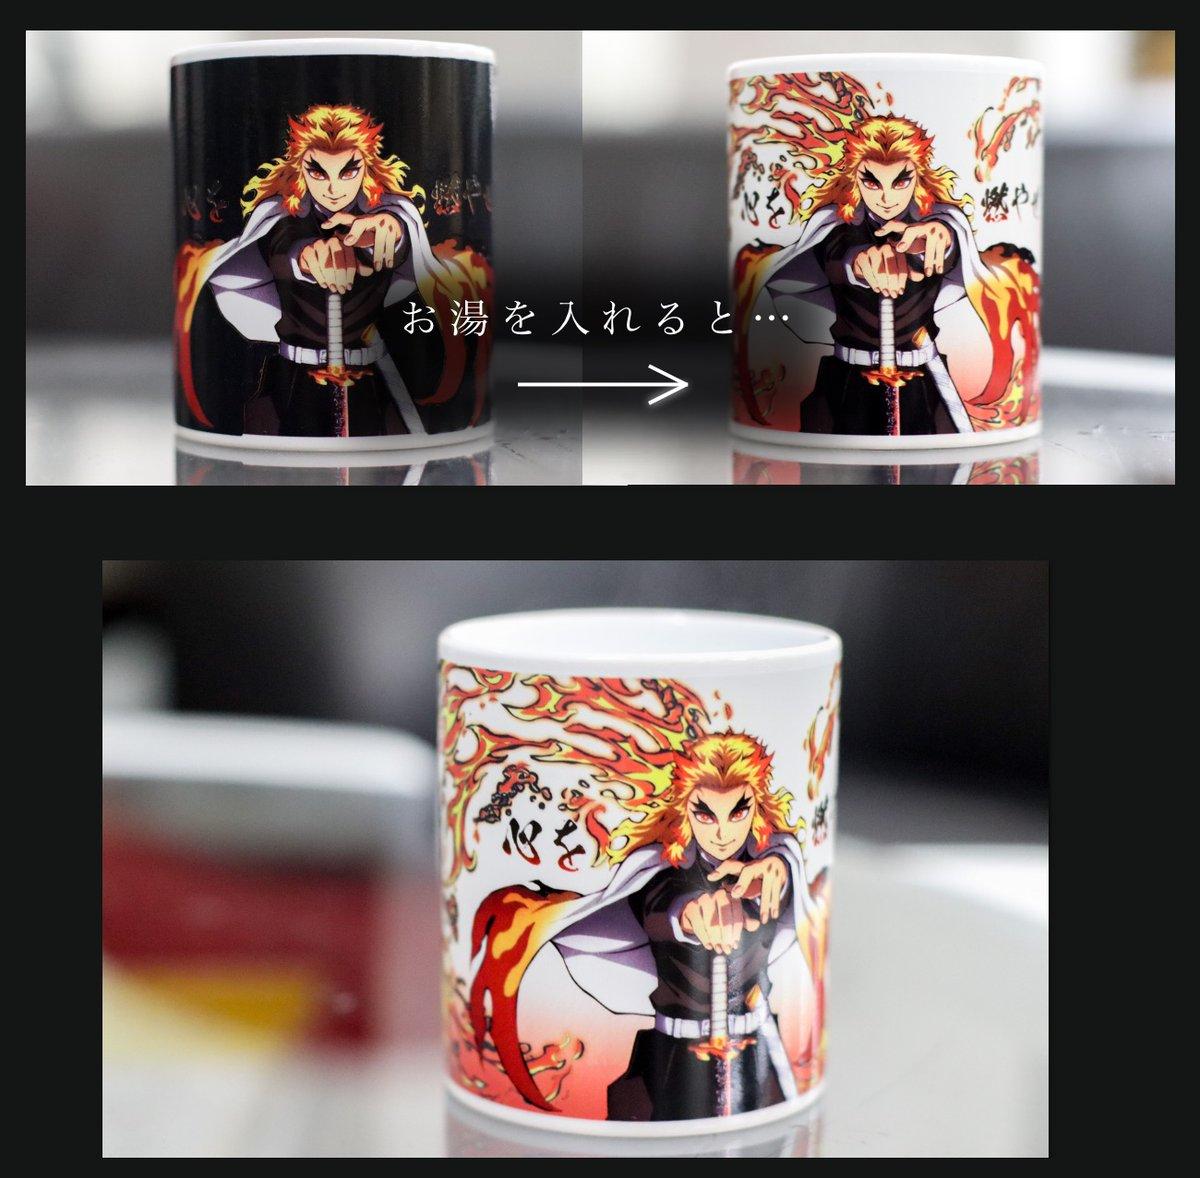 マグカップ キャラグッツ メルカリ 刃 鬼滅に関連した画像-02